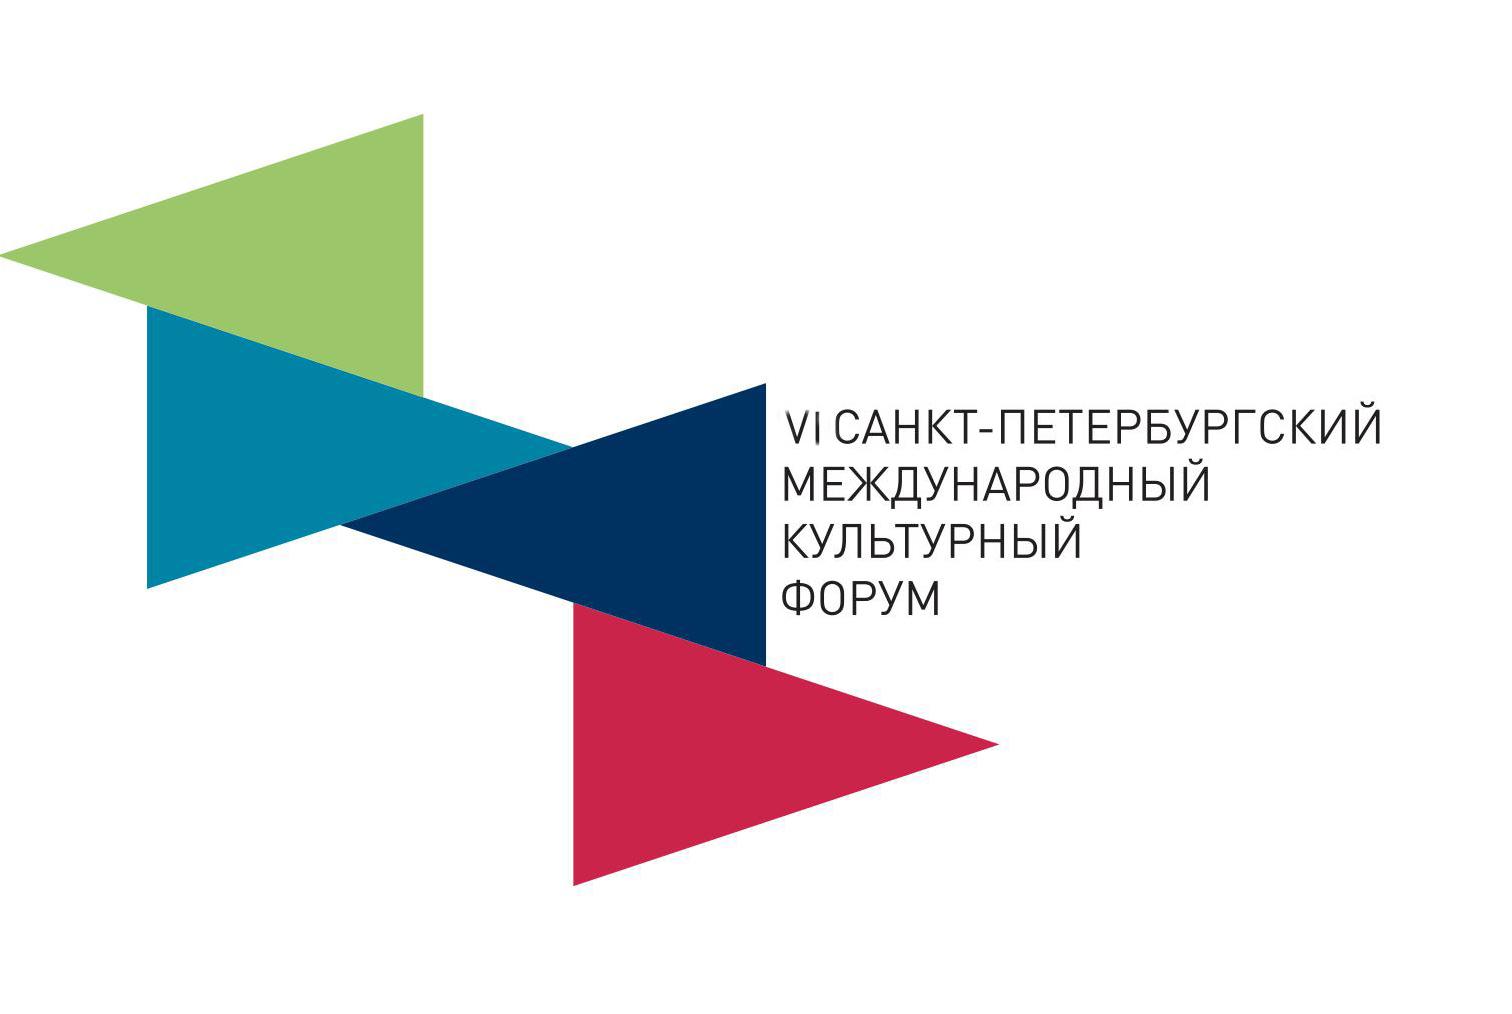 с 16 по 18 ноября пройдёт VI Санкт-Петербургский международный культурный форум